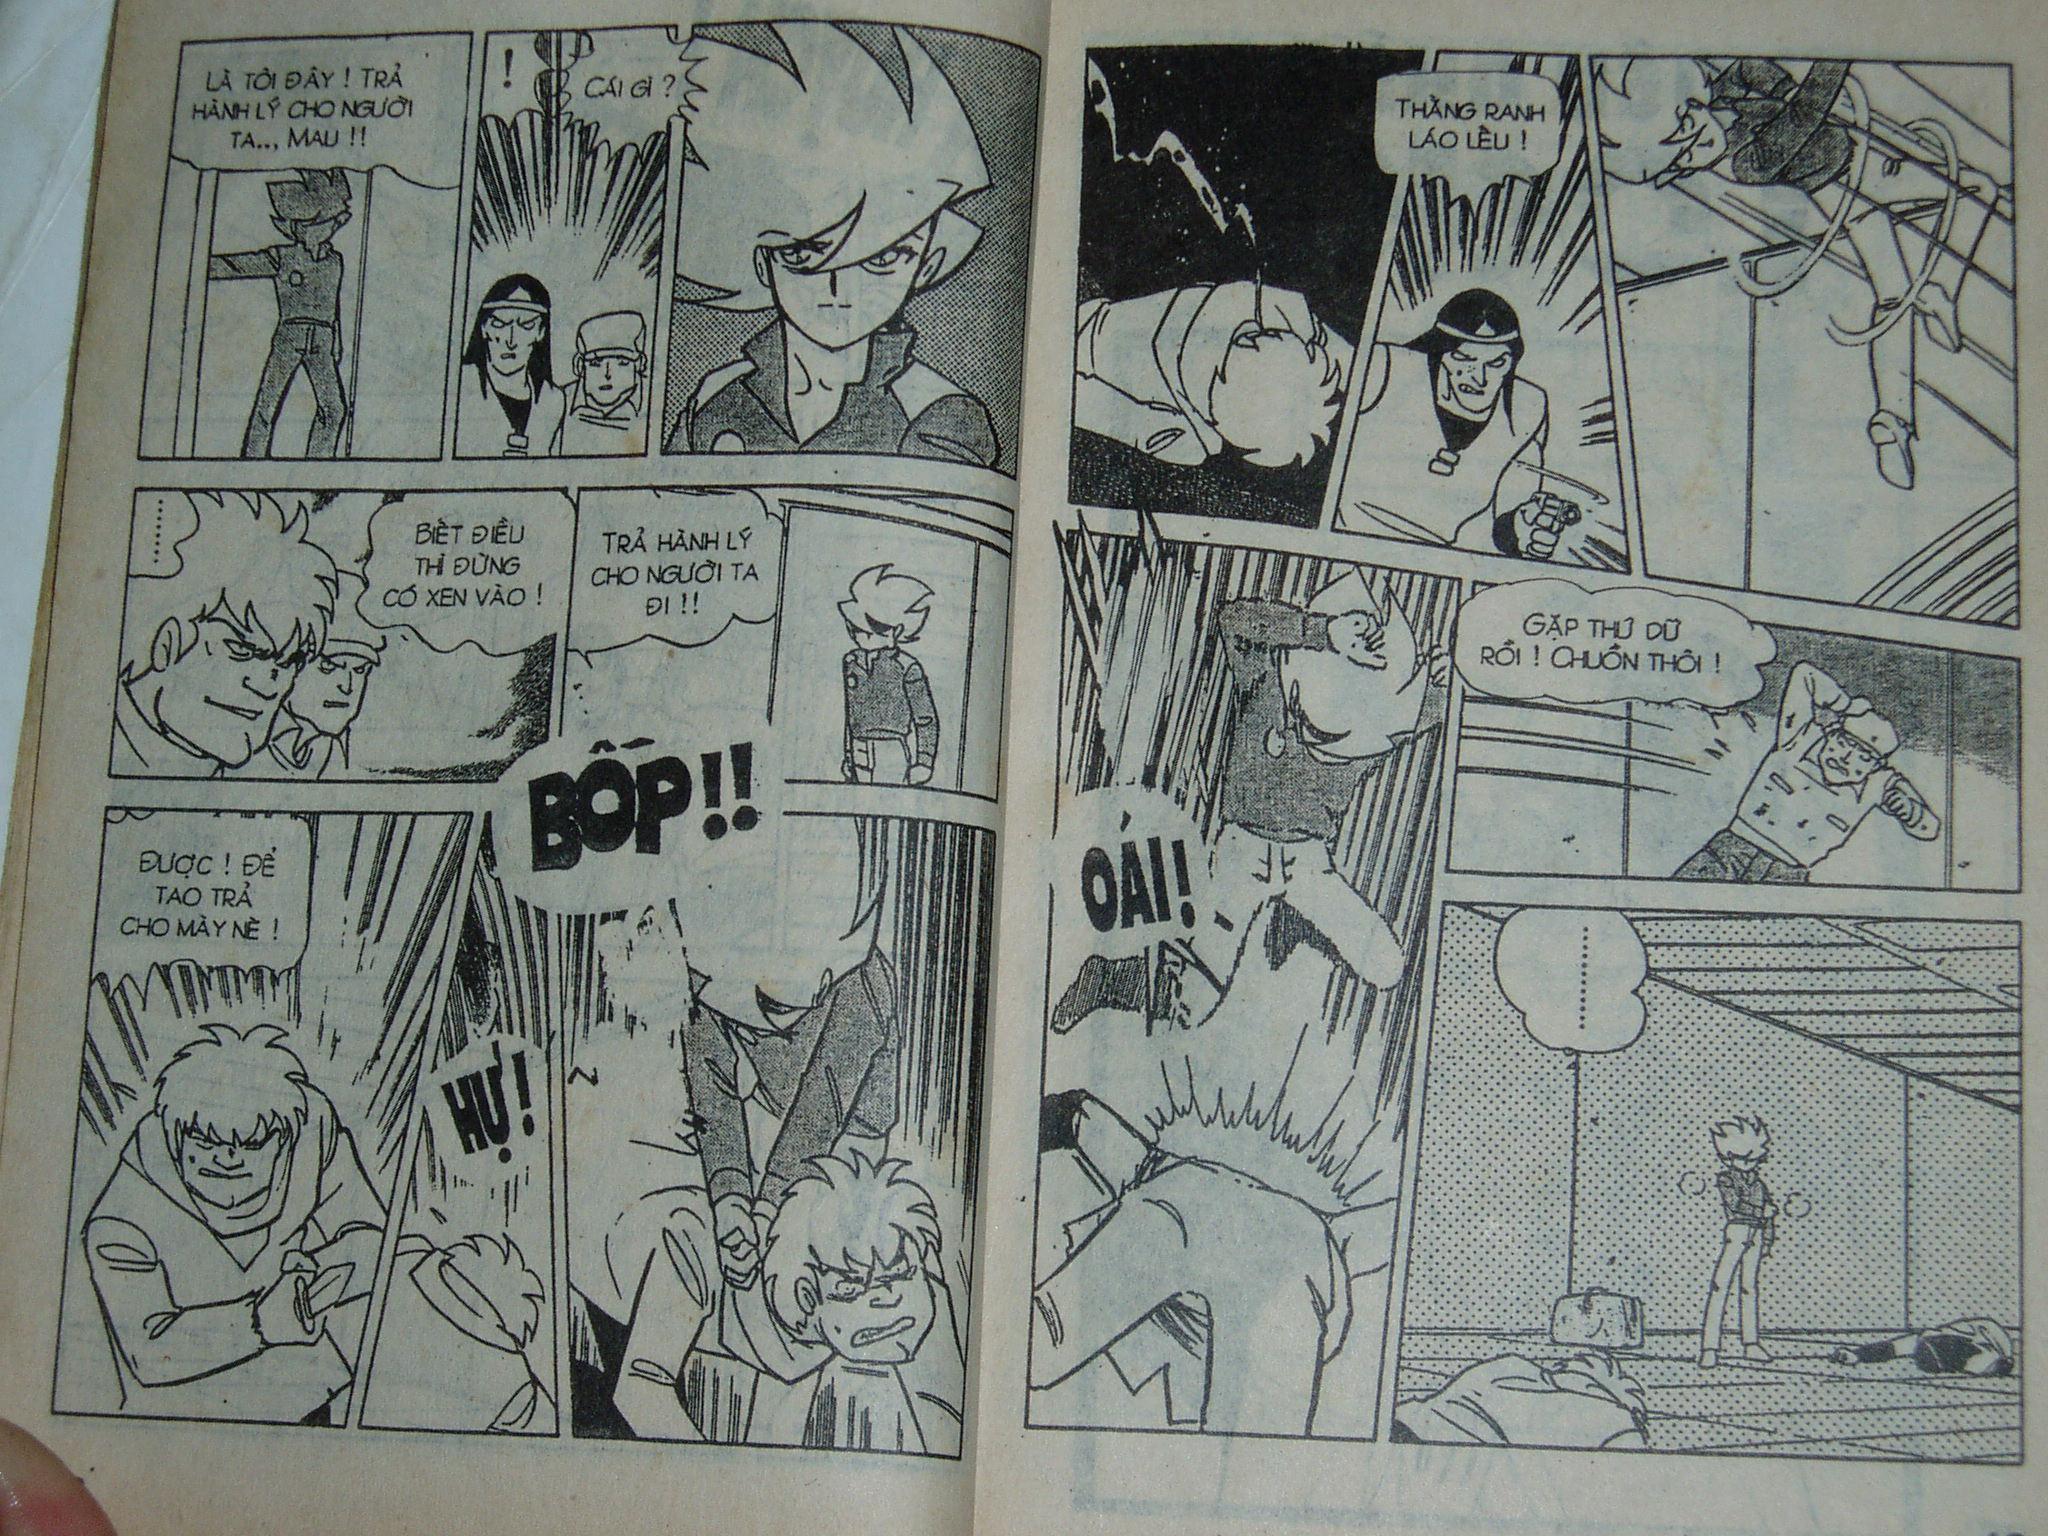 Siêu nhân Locke vol 16 trang 8